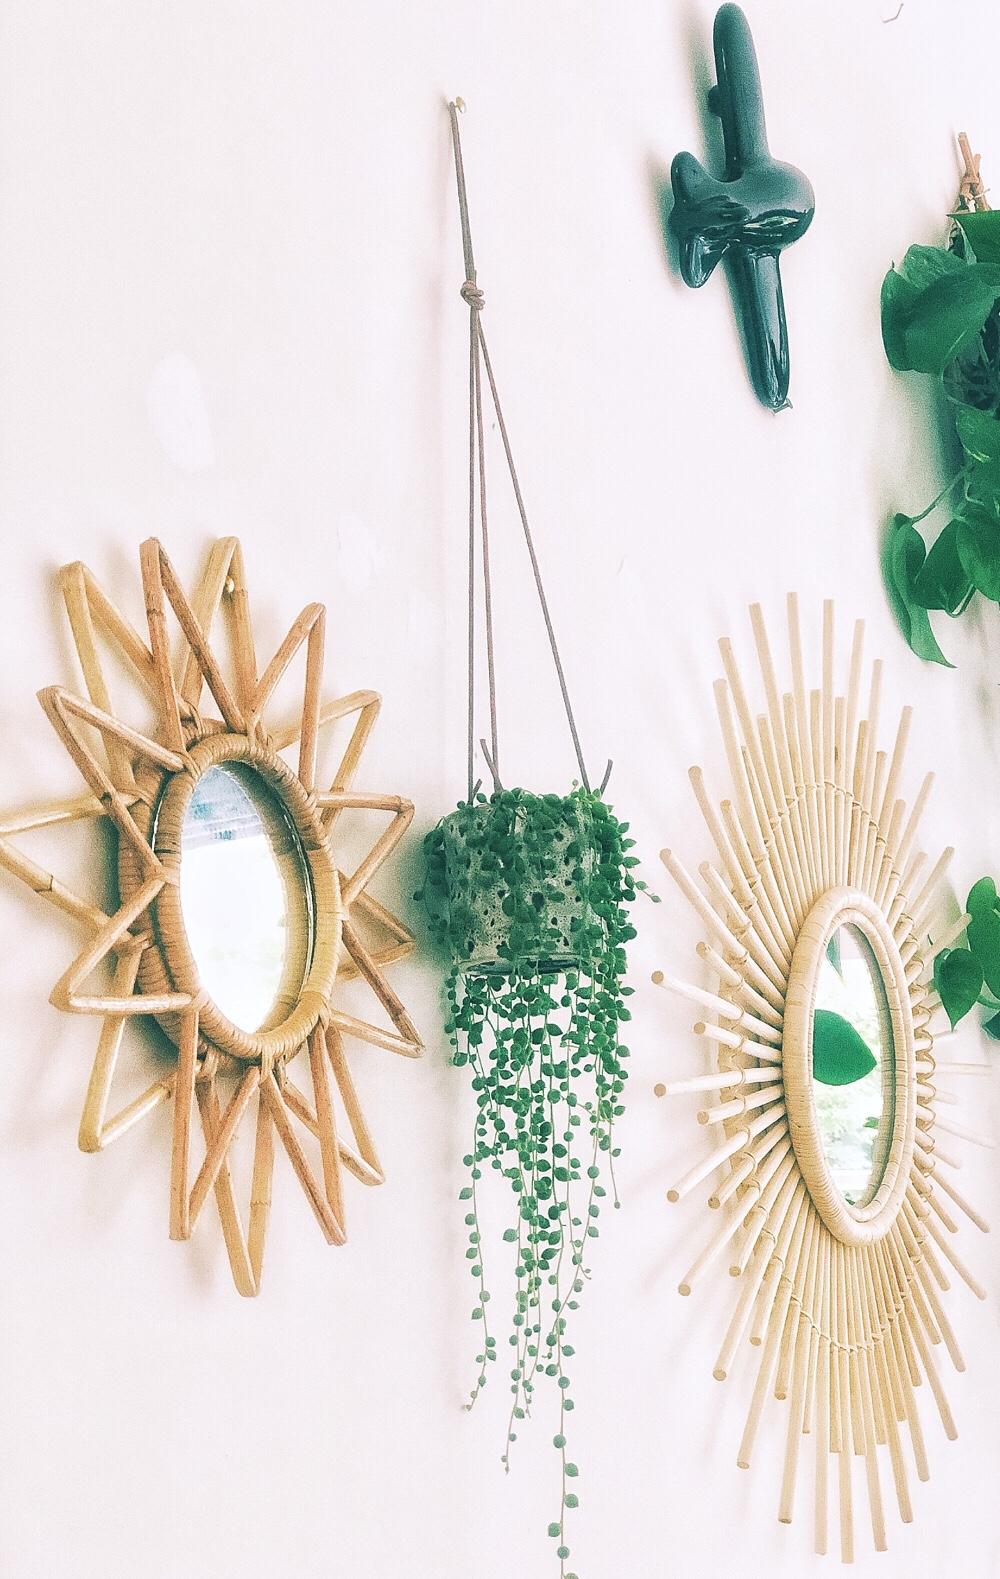 15x erwtenplant inspiratie + verzorgingstips